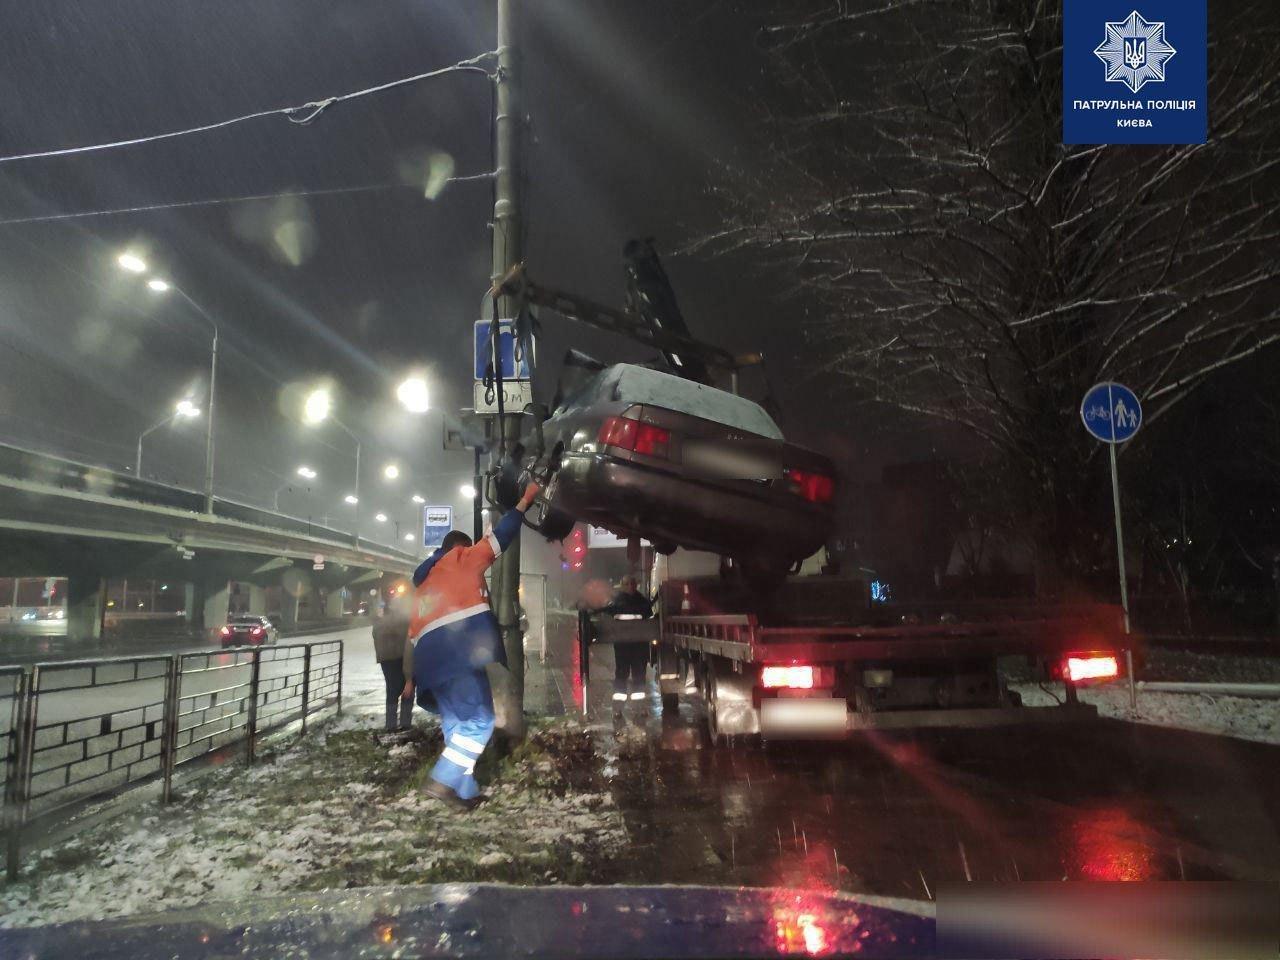 Новогодний корпоратив закончился ДТП на проспекте Победы, - ФОТО, фото-1